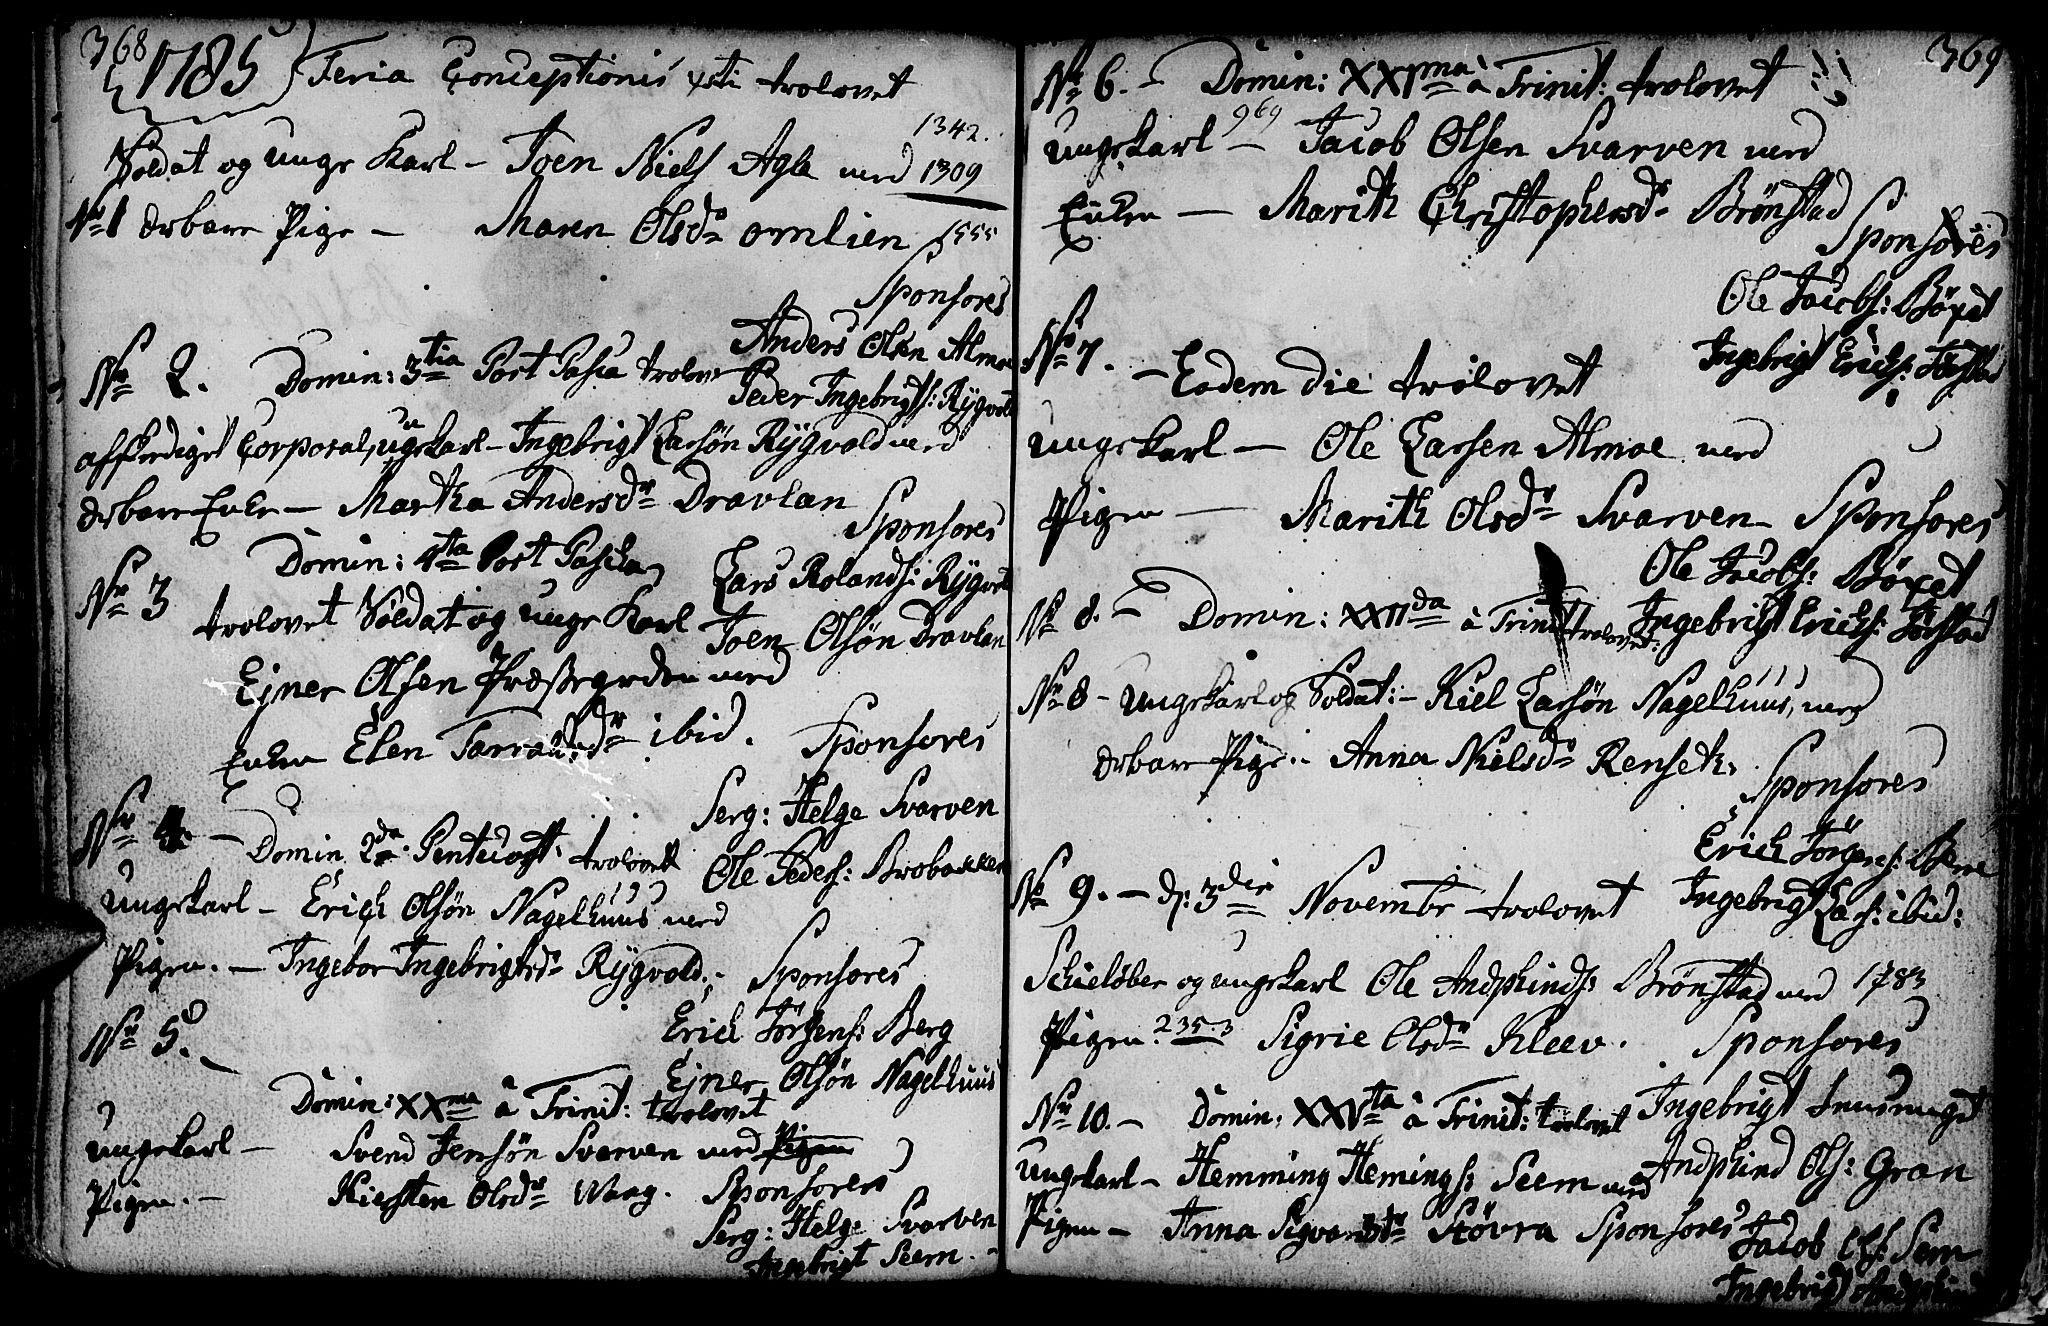 SAT, Ministerialprotokoller, klokkerbøker og fødselsregistre - Nord-Trøndelag, 749/L0467: Ministerialbok nr. 749A01, 1733-1787, s. 368-369